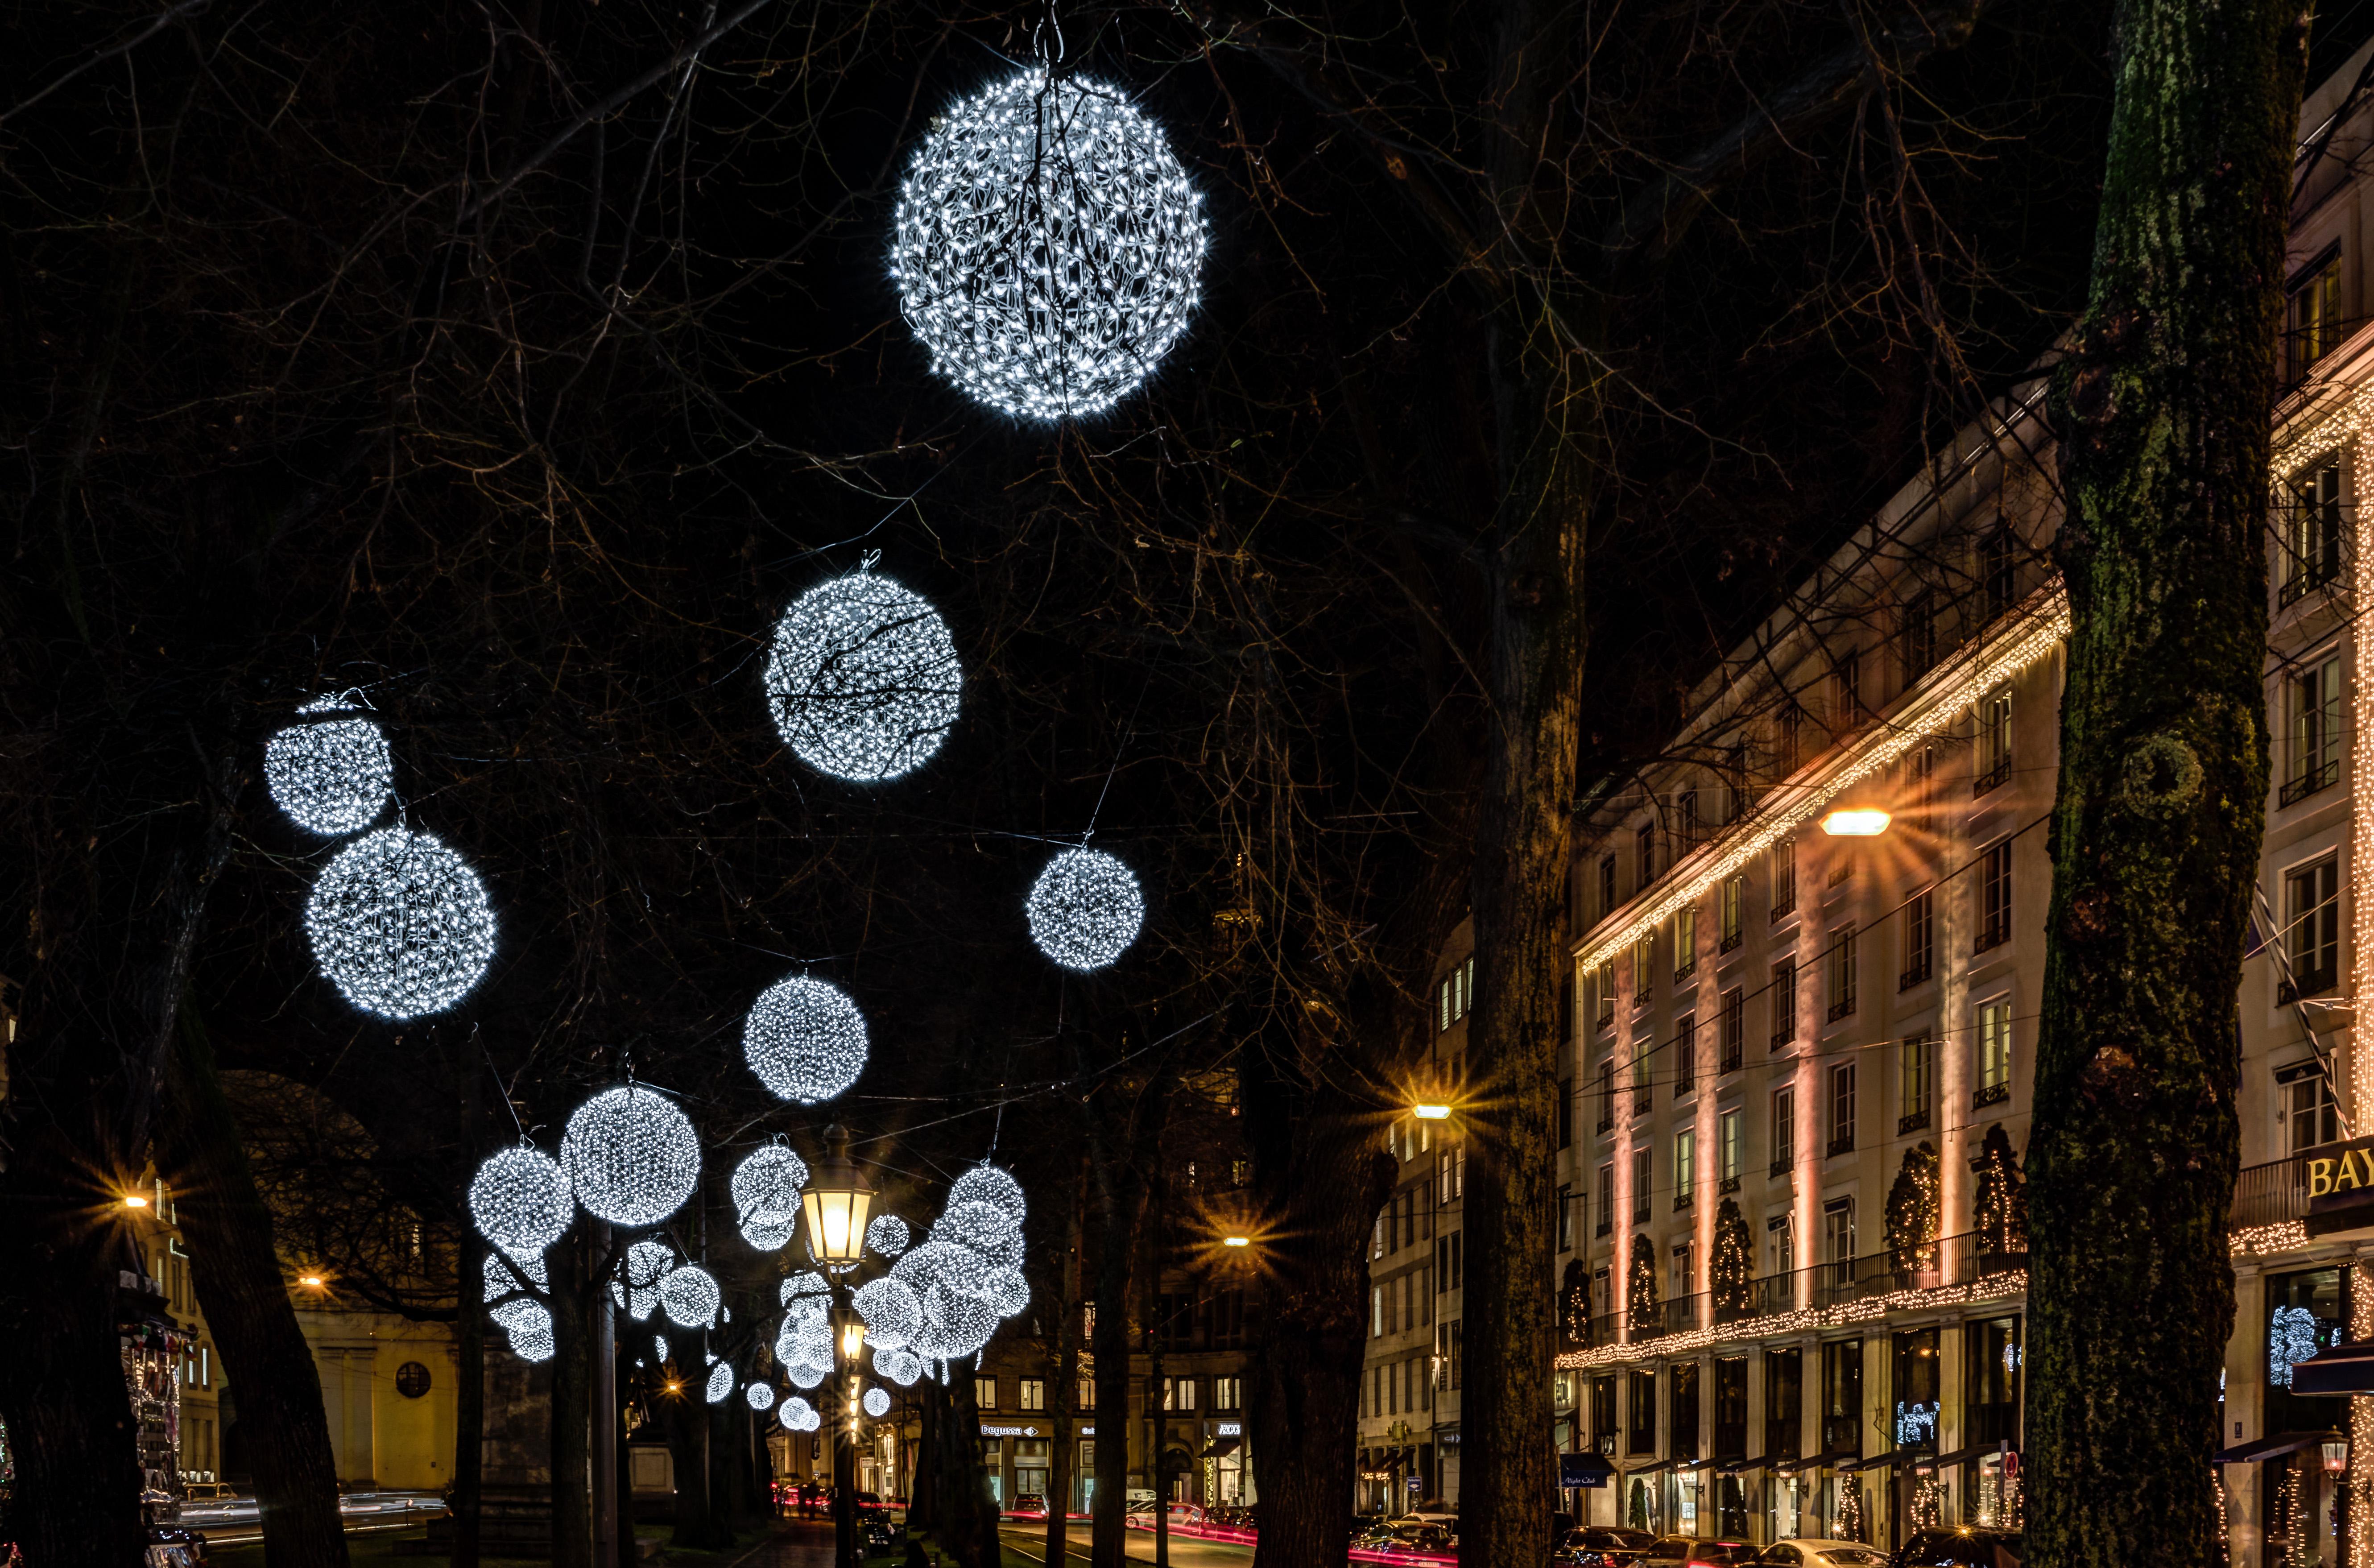 Weihnachtsbeleuchtung München.File Promenadenplatz Beleuchtung Jpg Wikimedia Commons